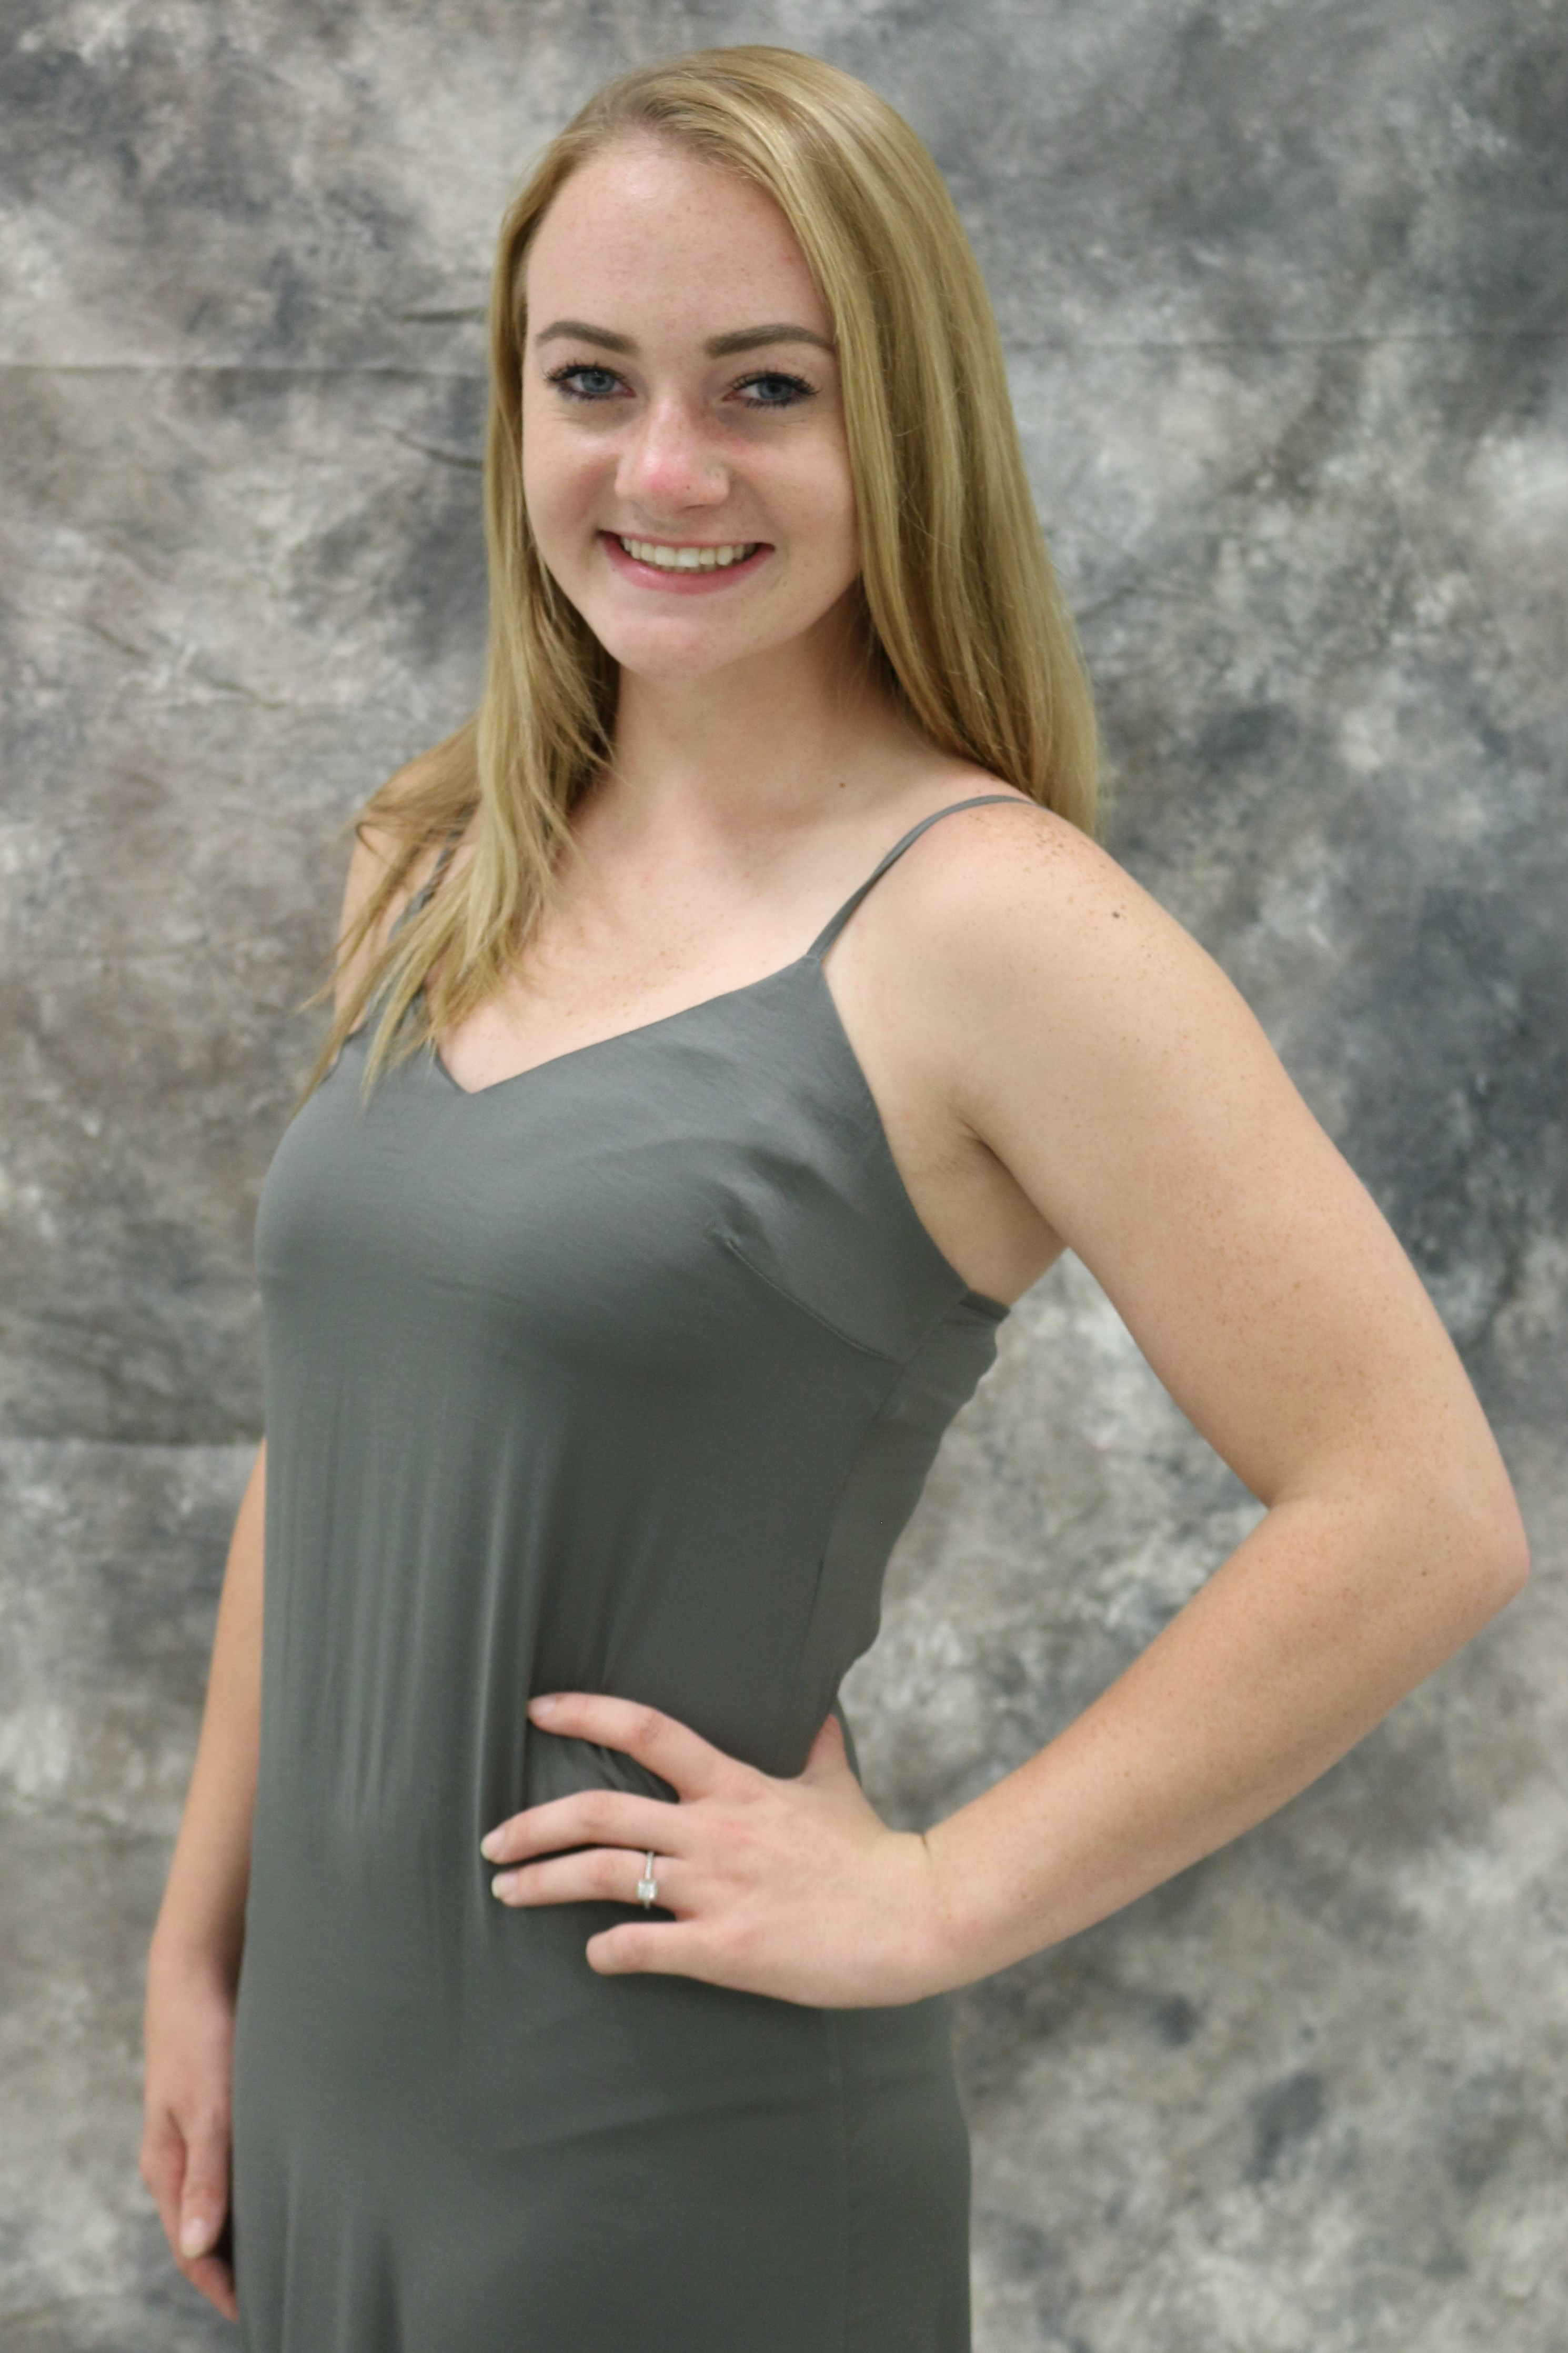 Queen Contestant - Kelsey VanWinkle 17